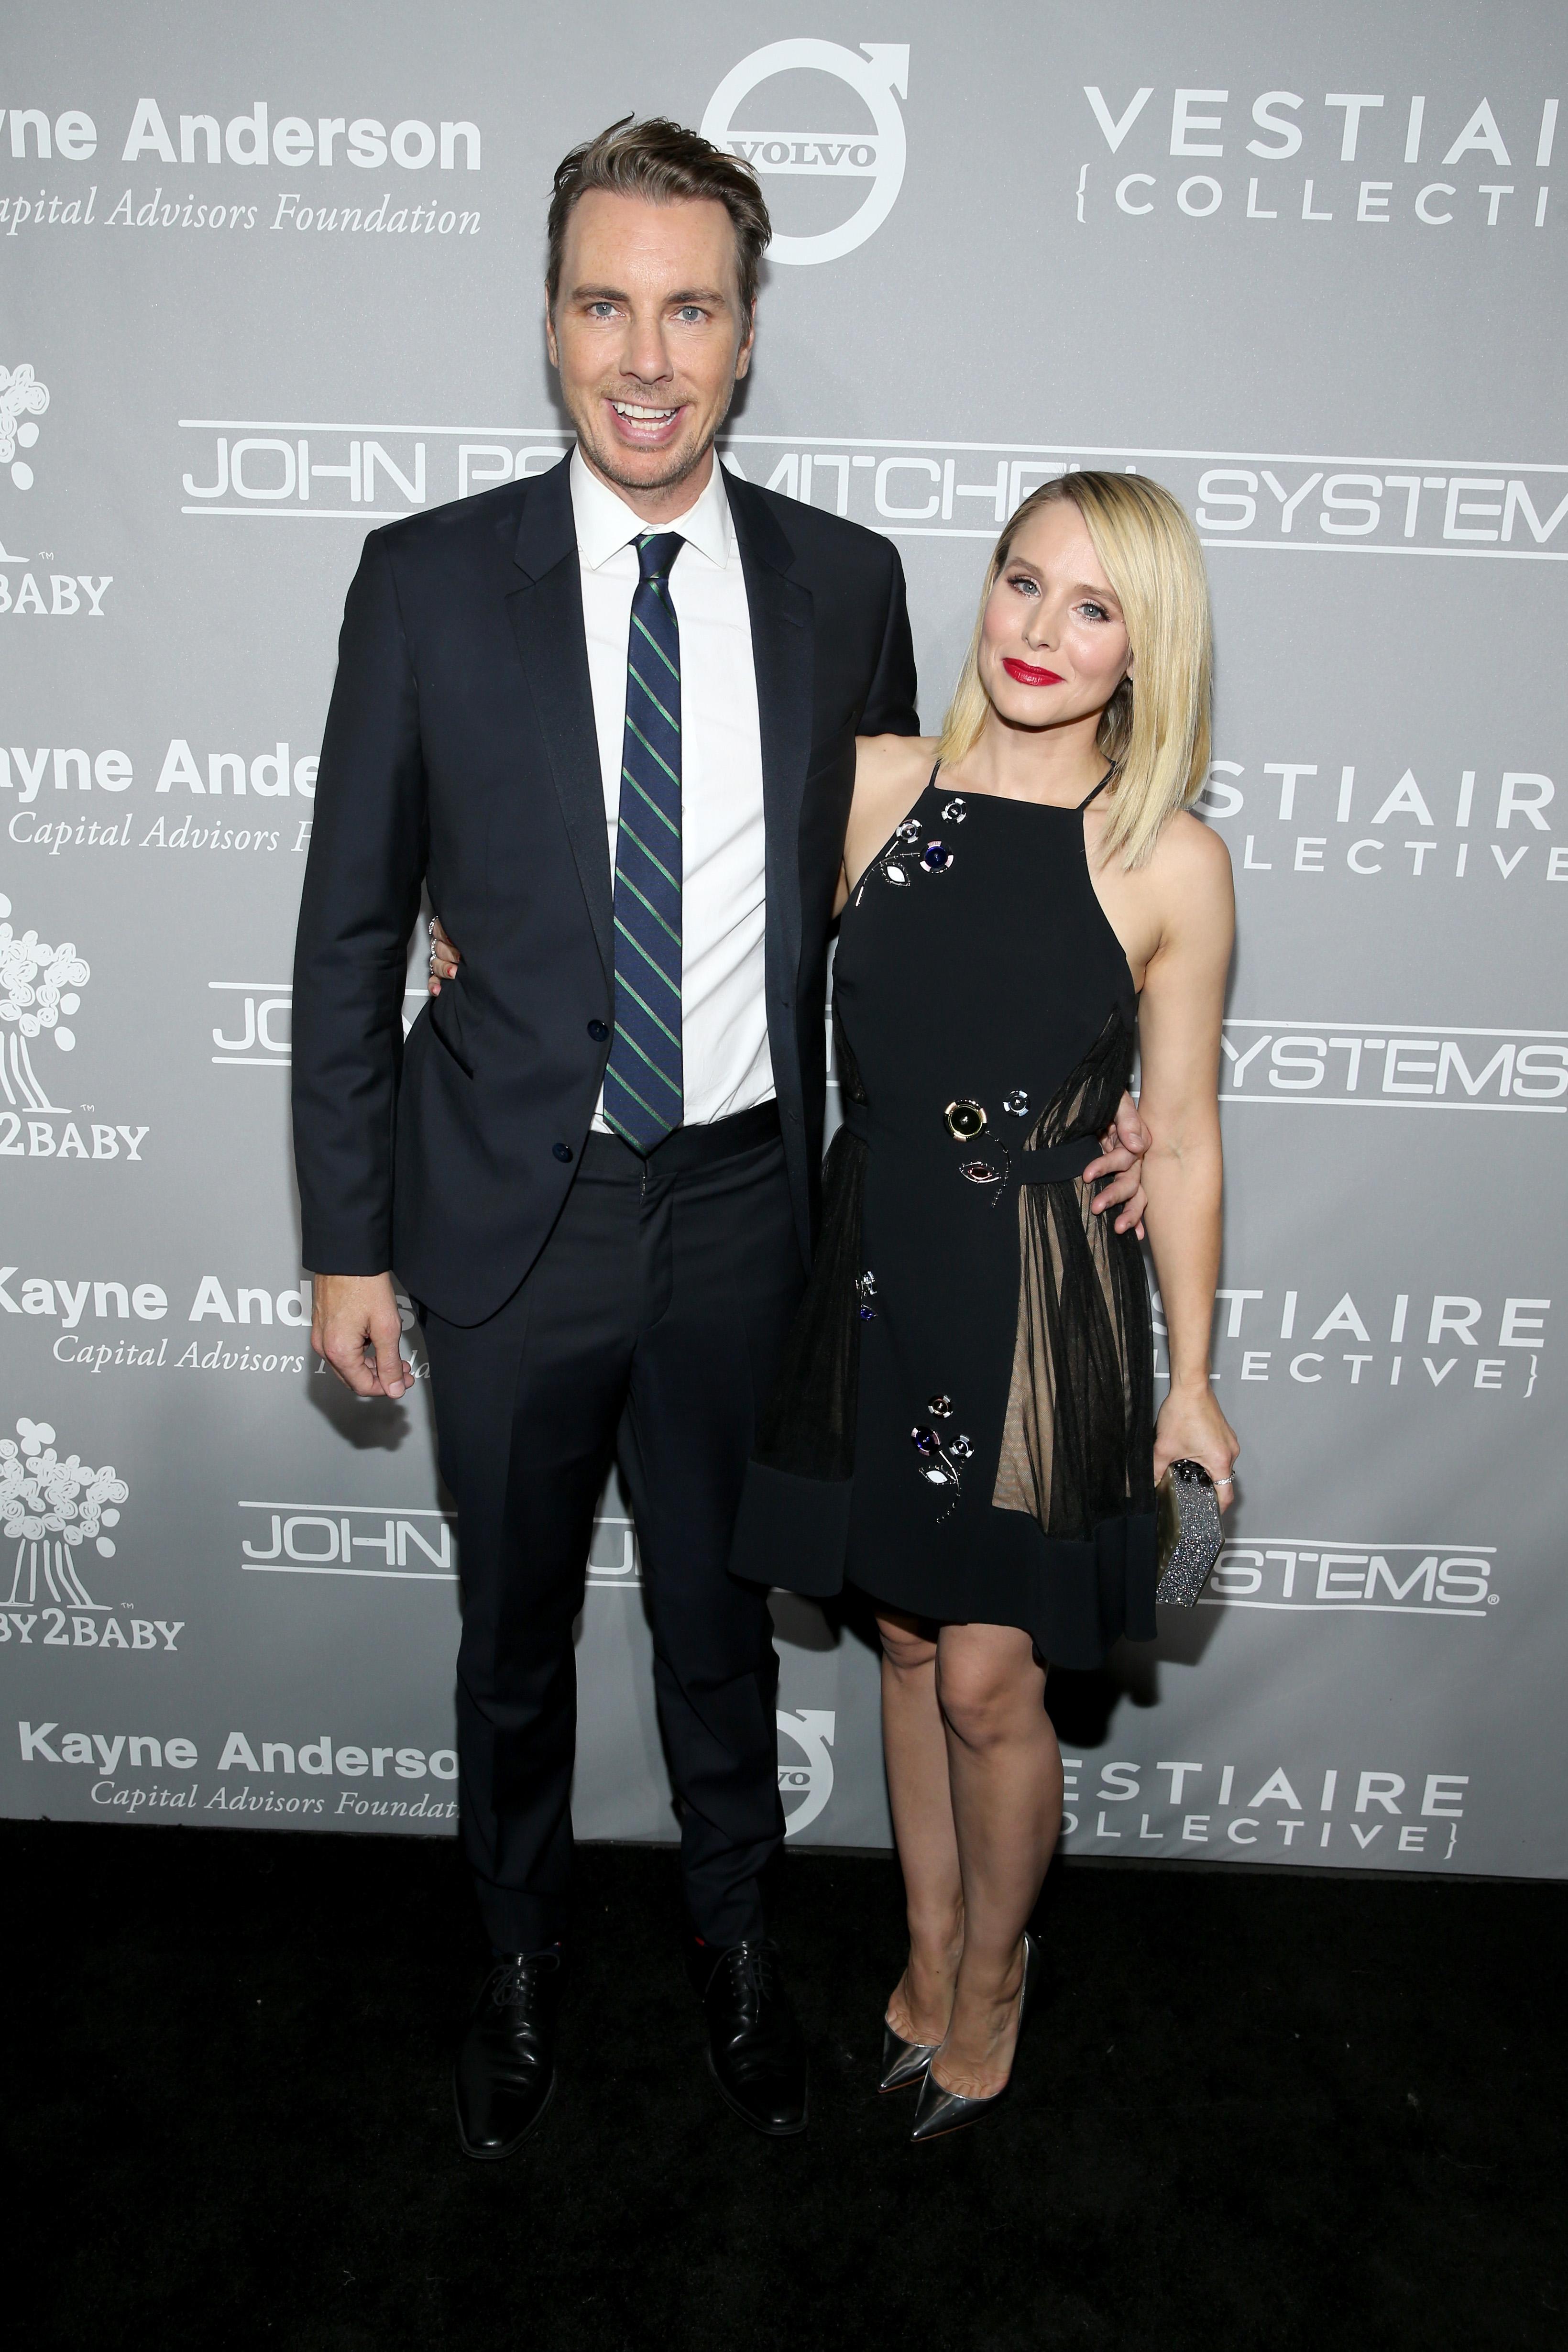 <p><strong>Кристен Бел и Дакс Шепърд</strong></p>  <p>Актьорите се запознават през 2007 година, а началото на 2008 започва връзката им. През 2010 двойката официално сключва брак.</p>